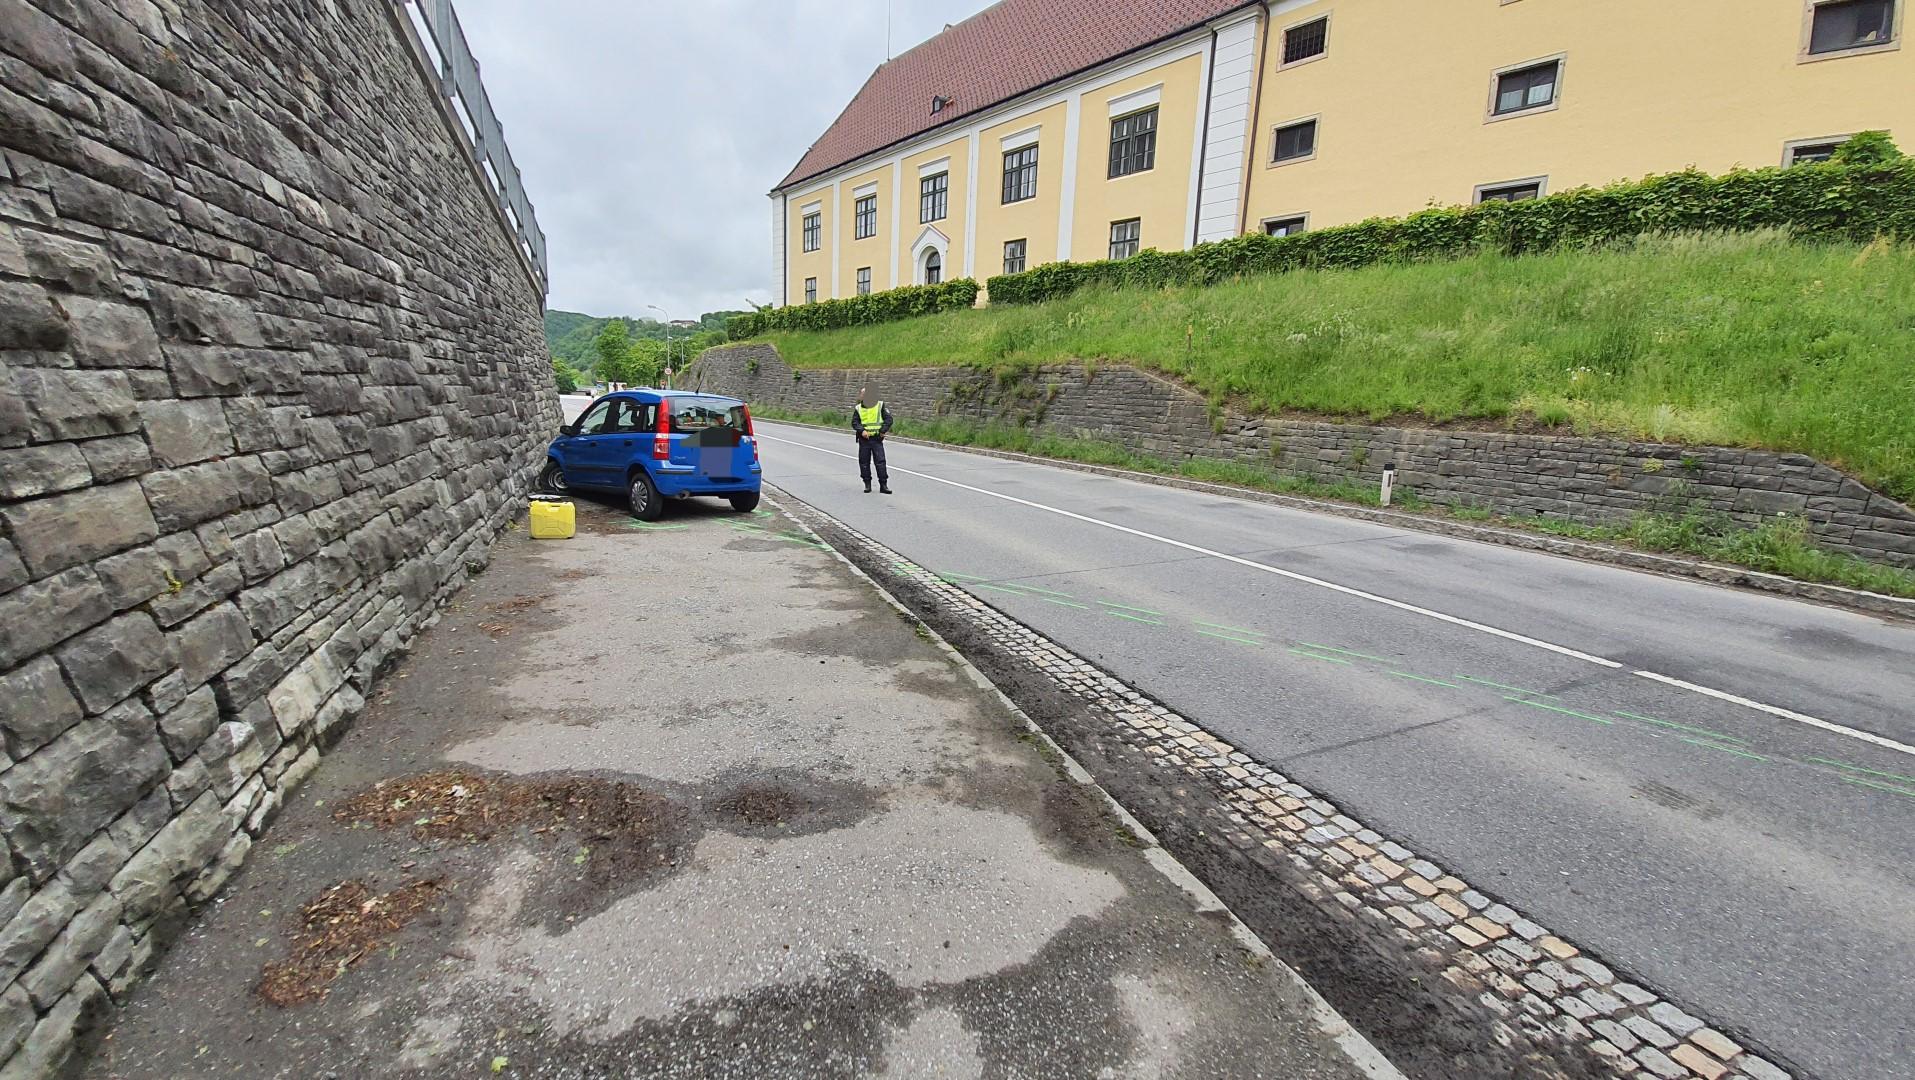 2021.05.17.-Fahrzeugbergung-auf-der-Landesstrasse-B3-4-Large